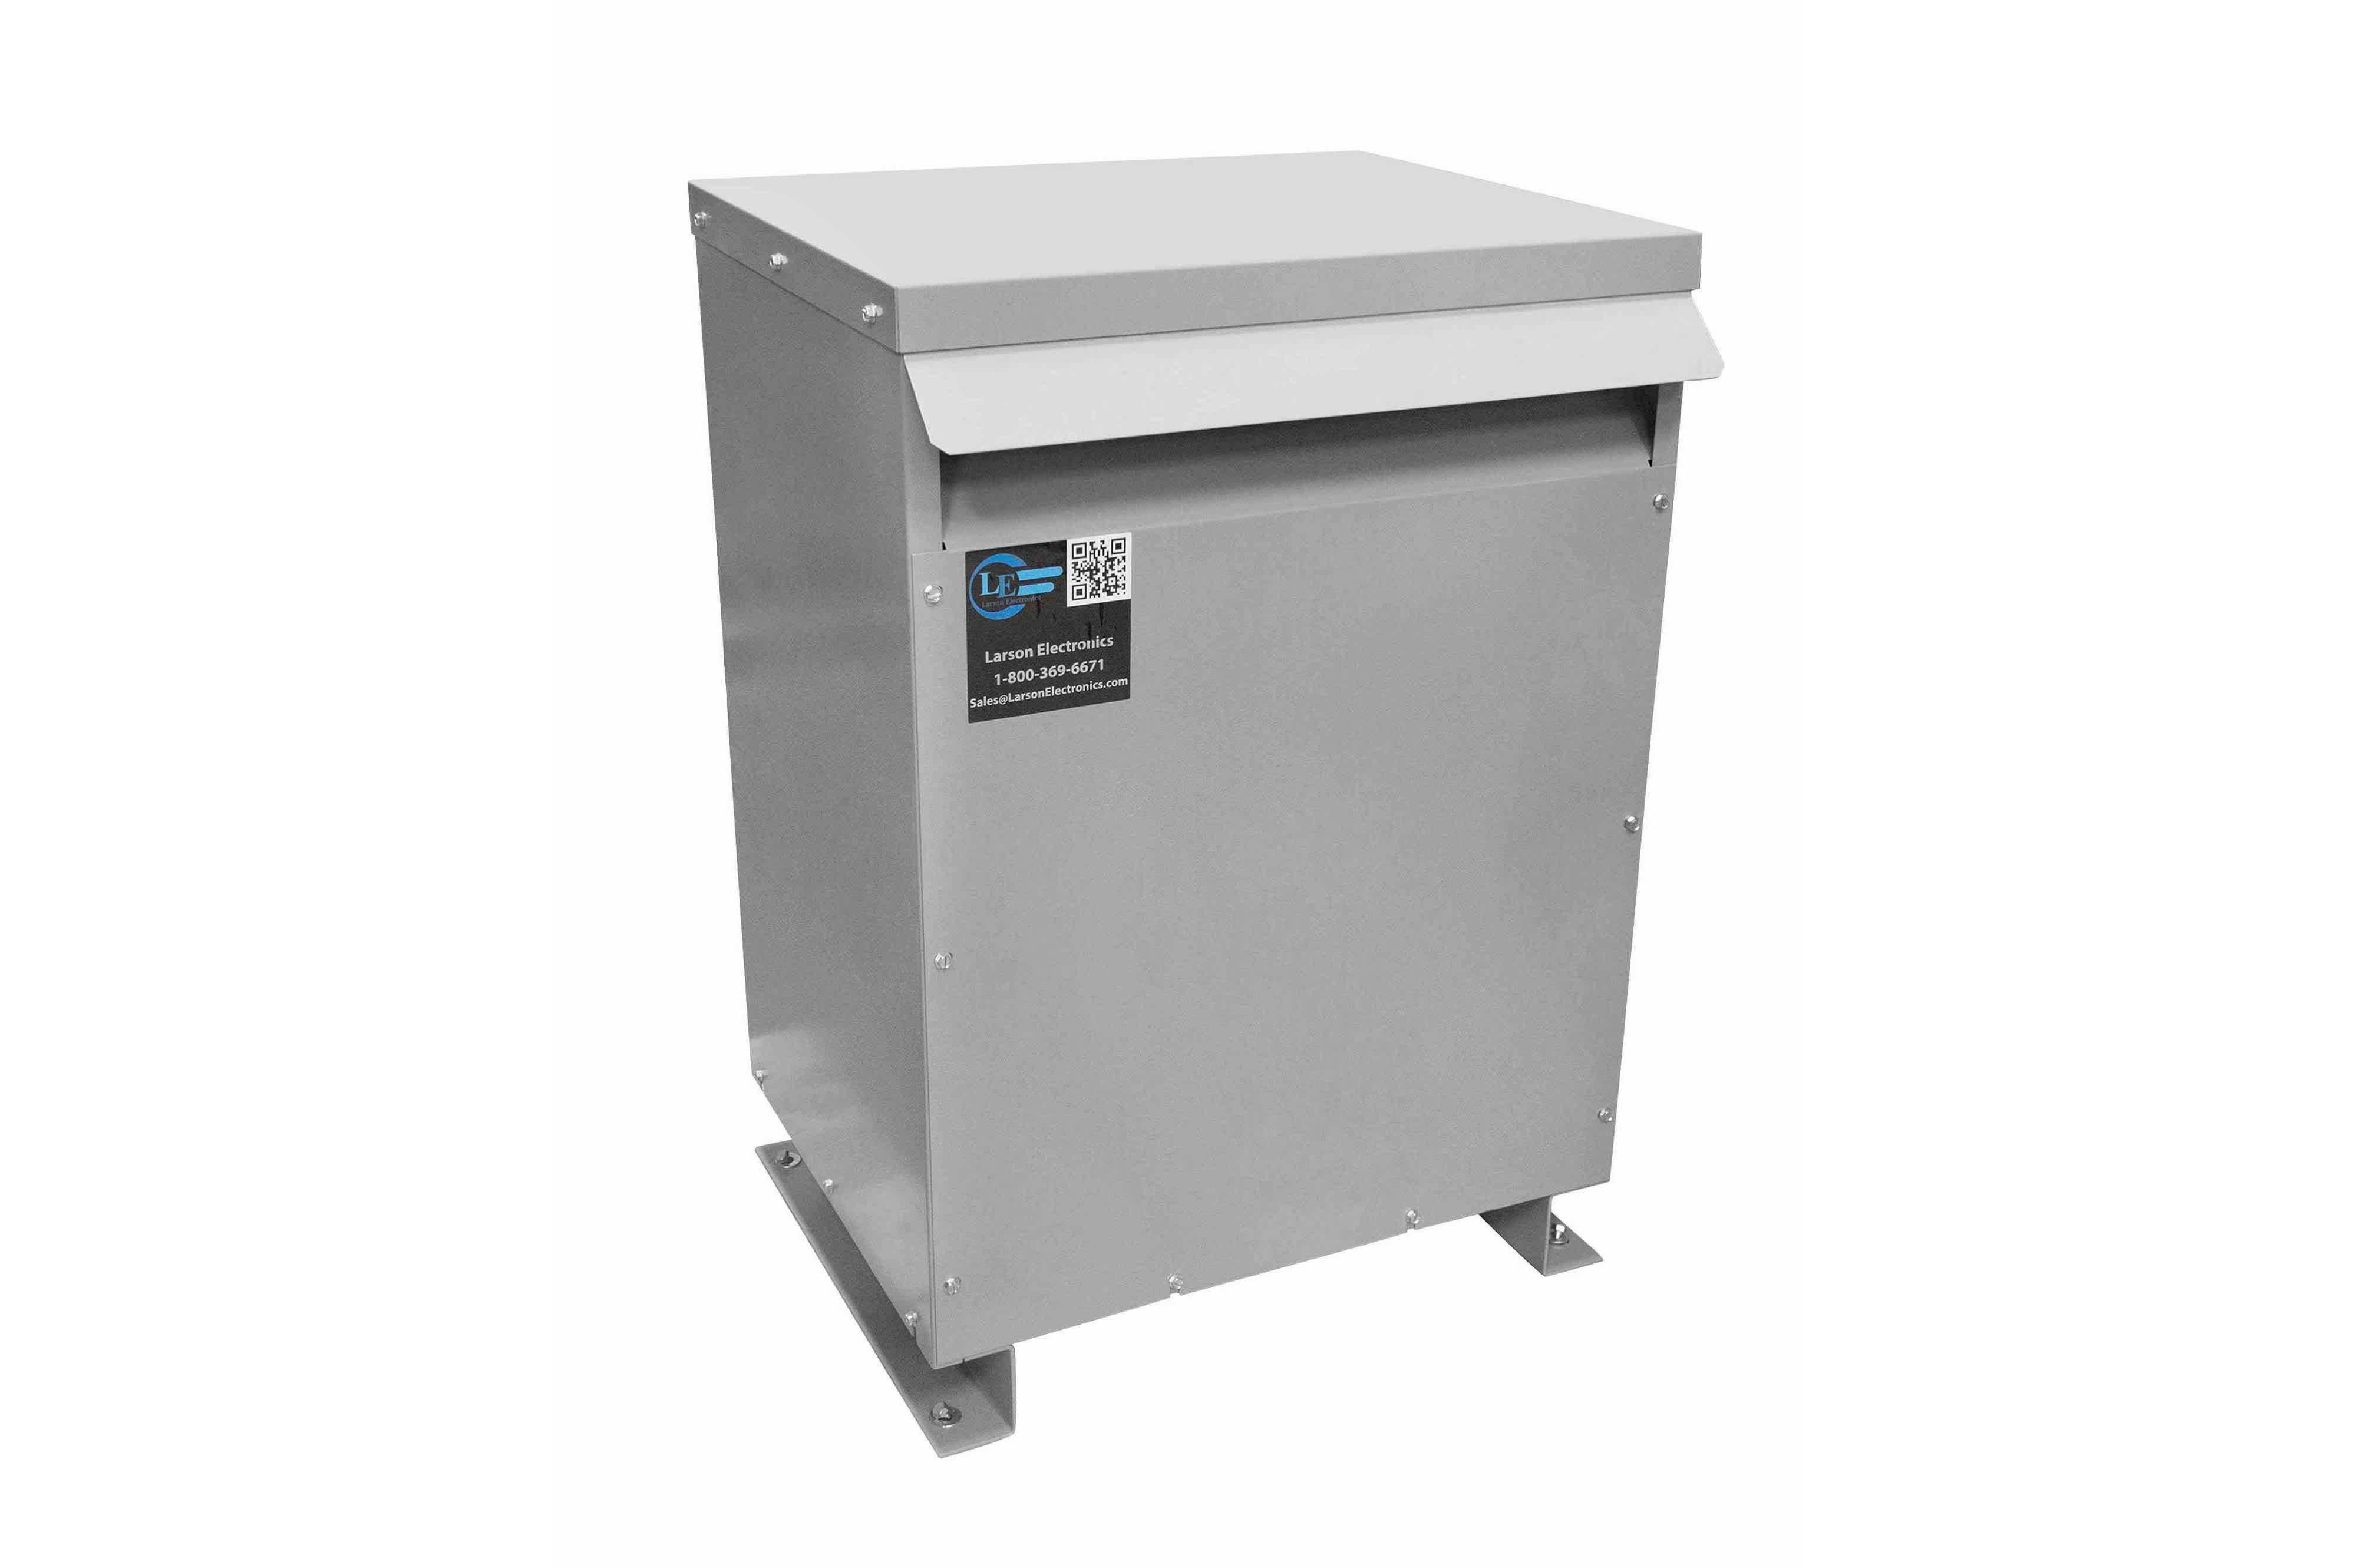 400 kVA 3PH Isolation Transformer, 220V Delta Primary, 208V Delta Secondary, N3R, Ventilated, 60 Hz